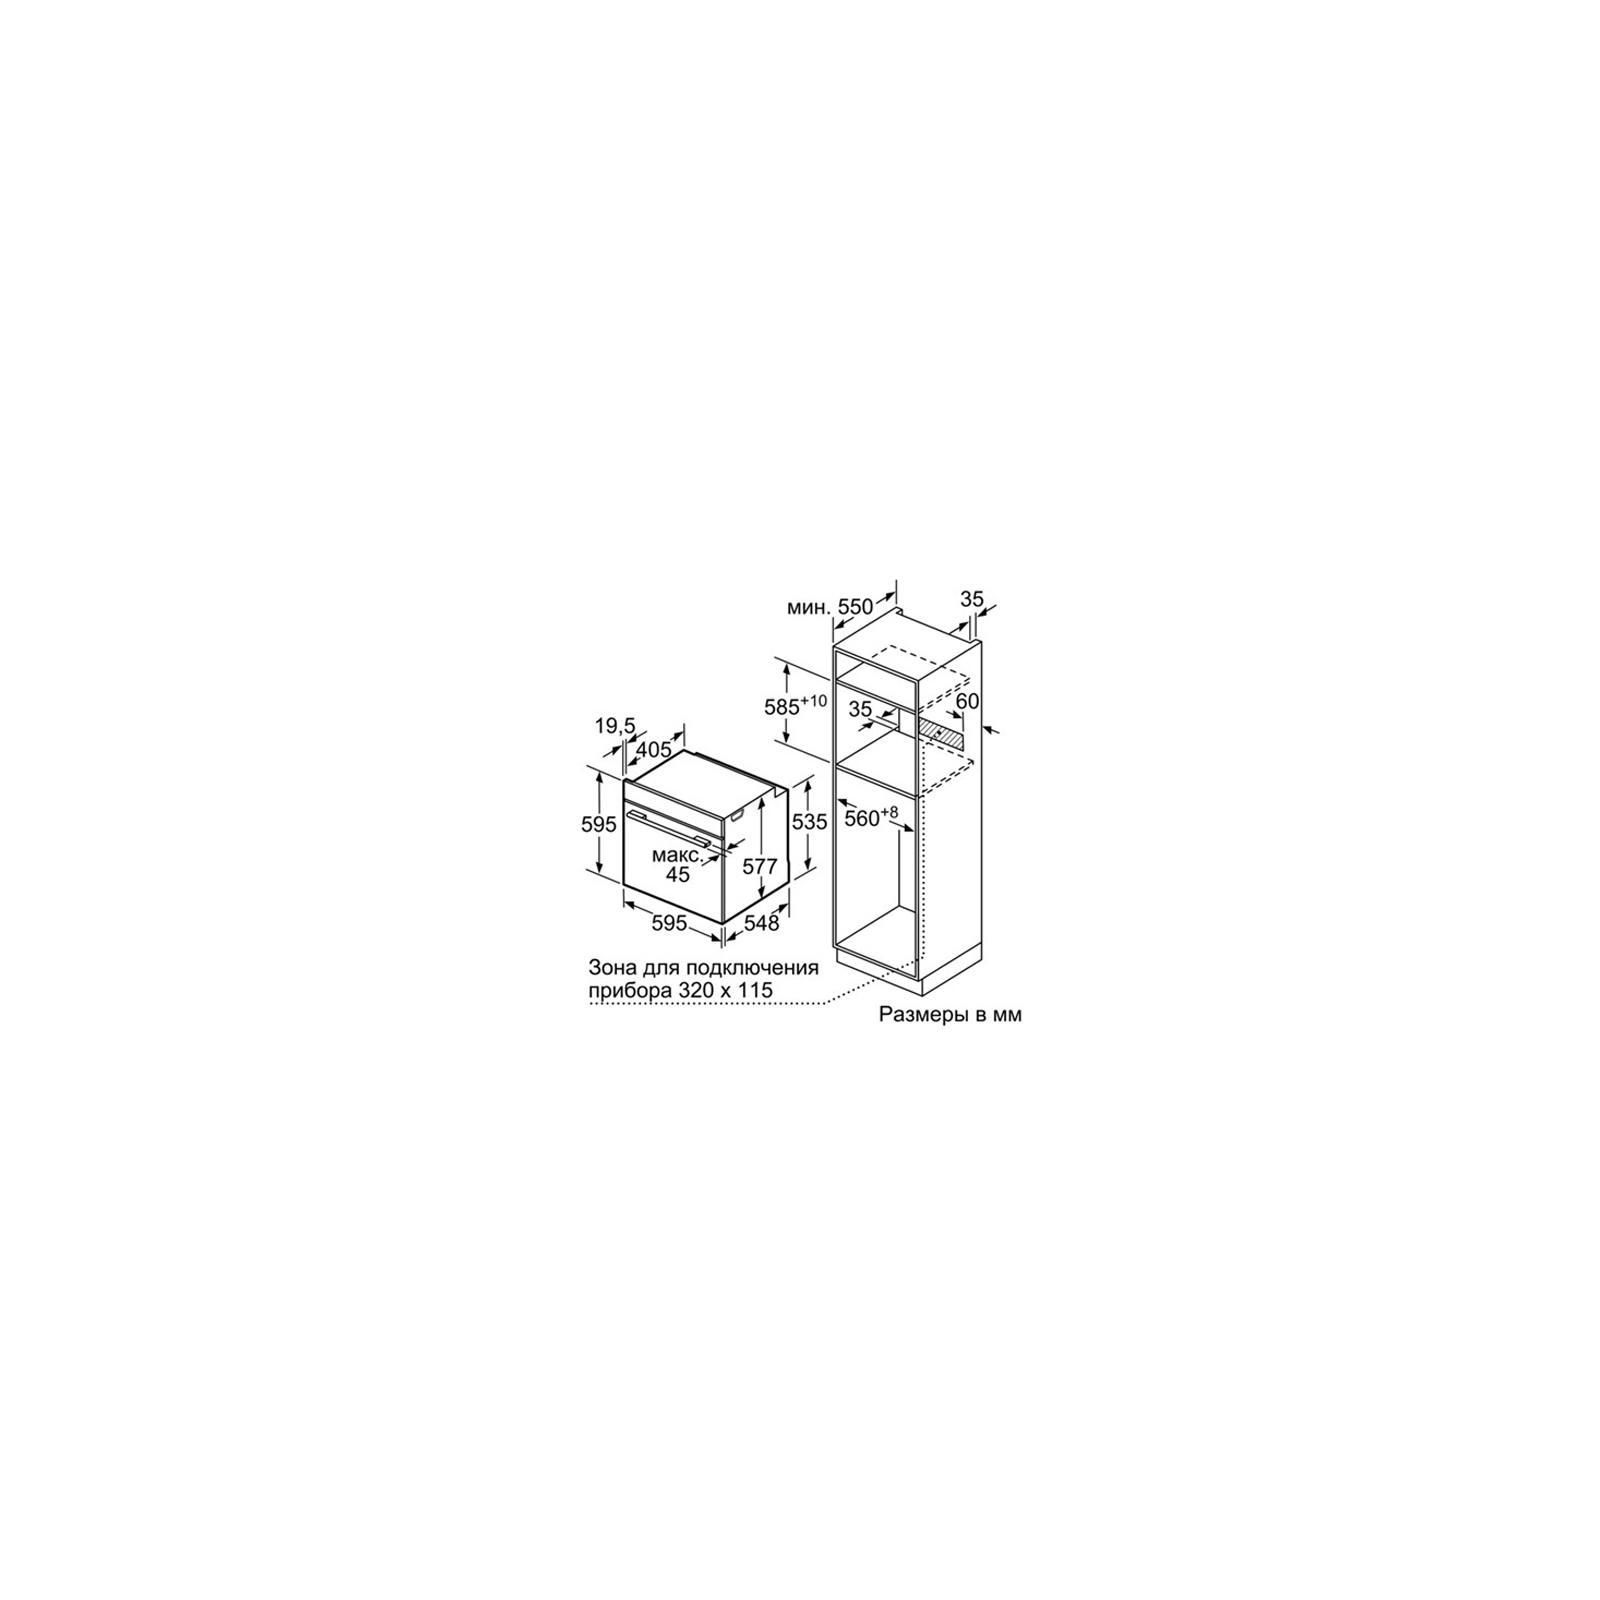 Духовой шкаф BOSCH HBG 633 BB1 (HBG633BB1) изображение 5